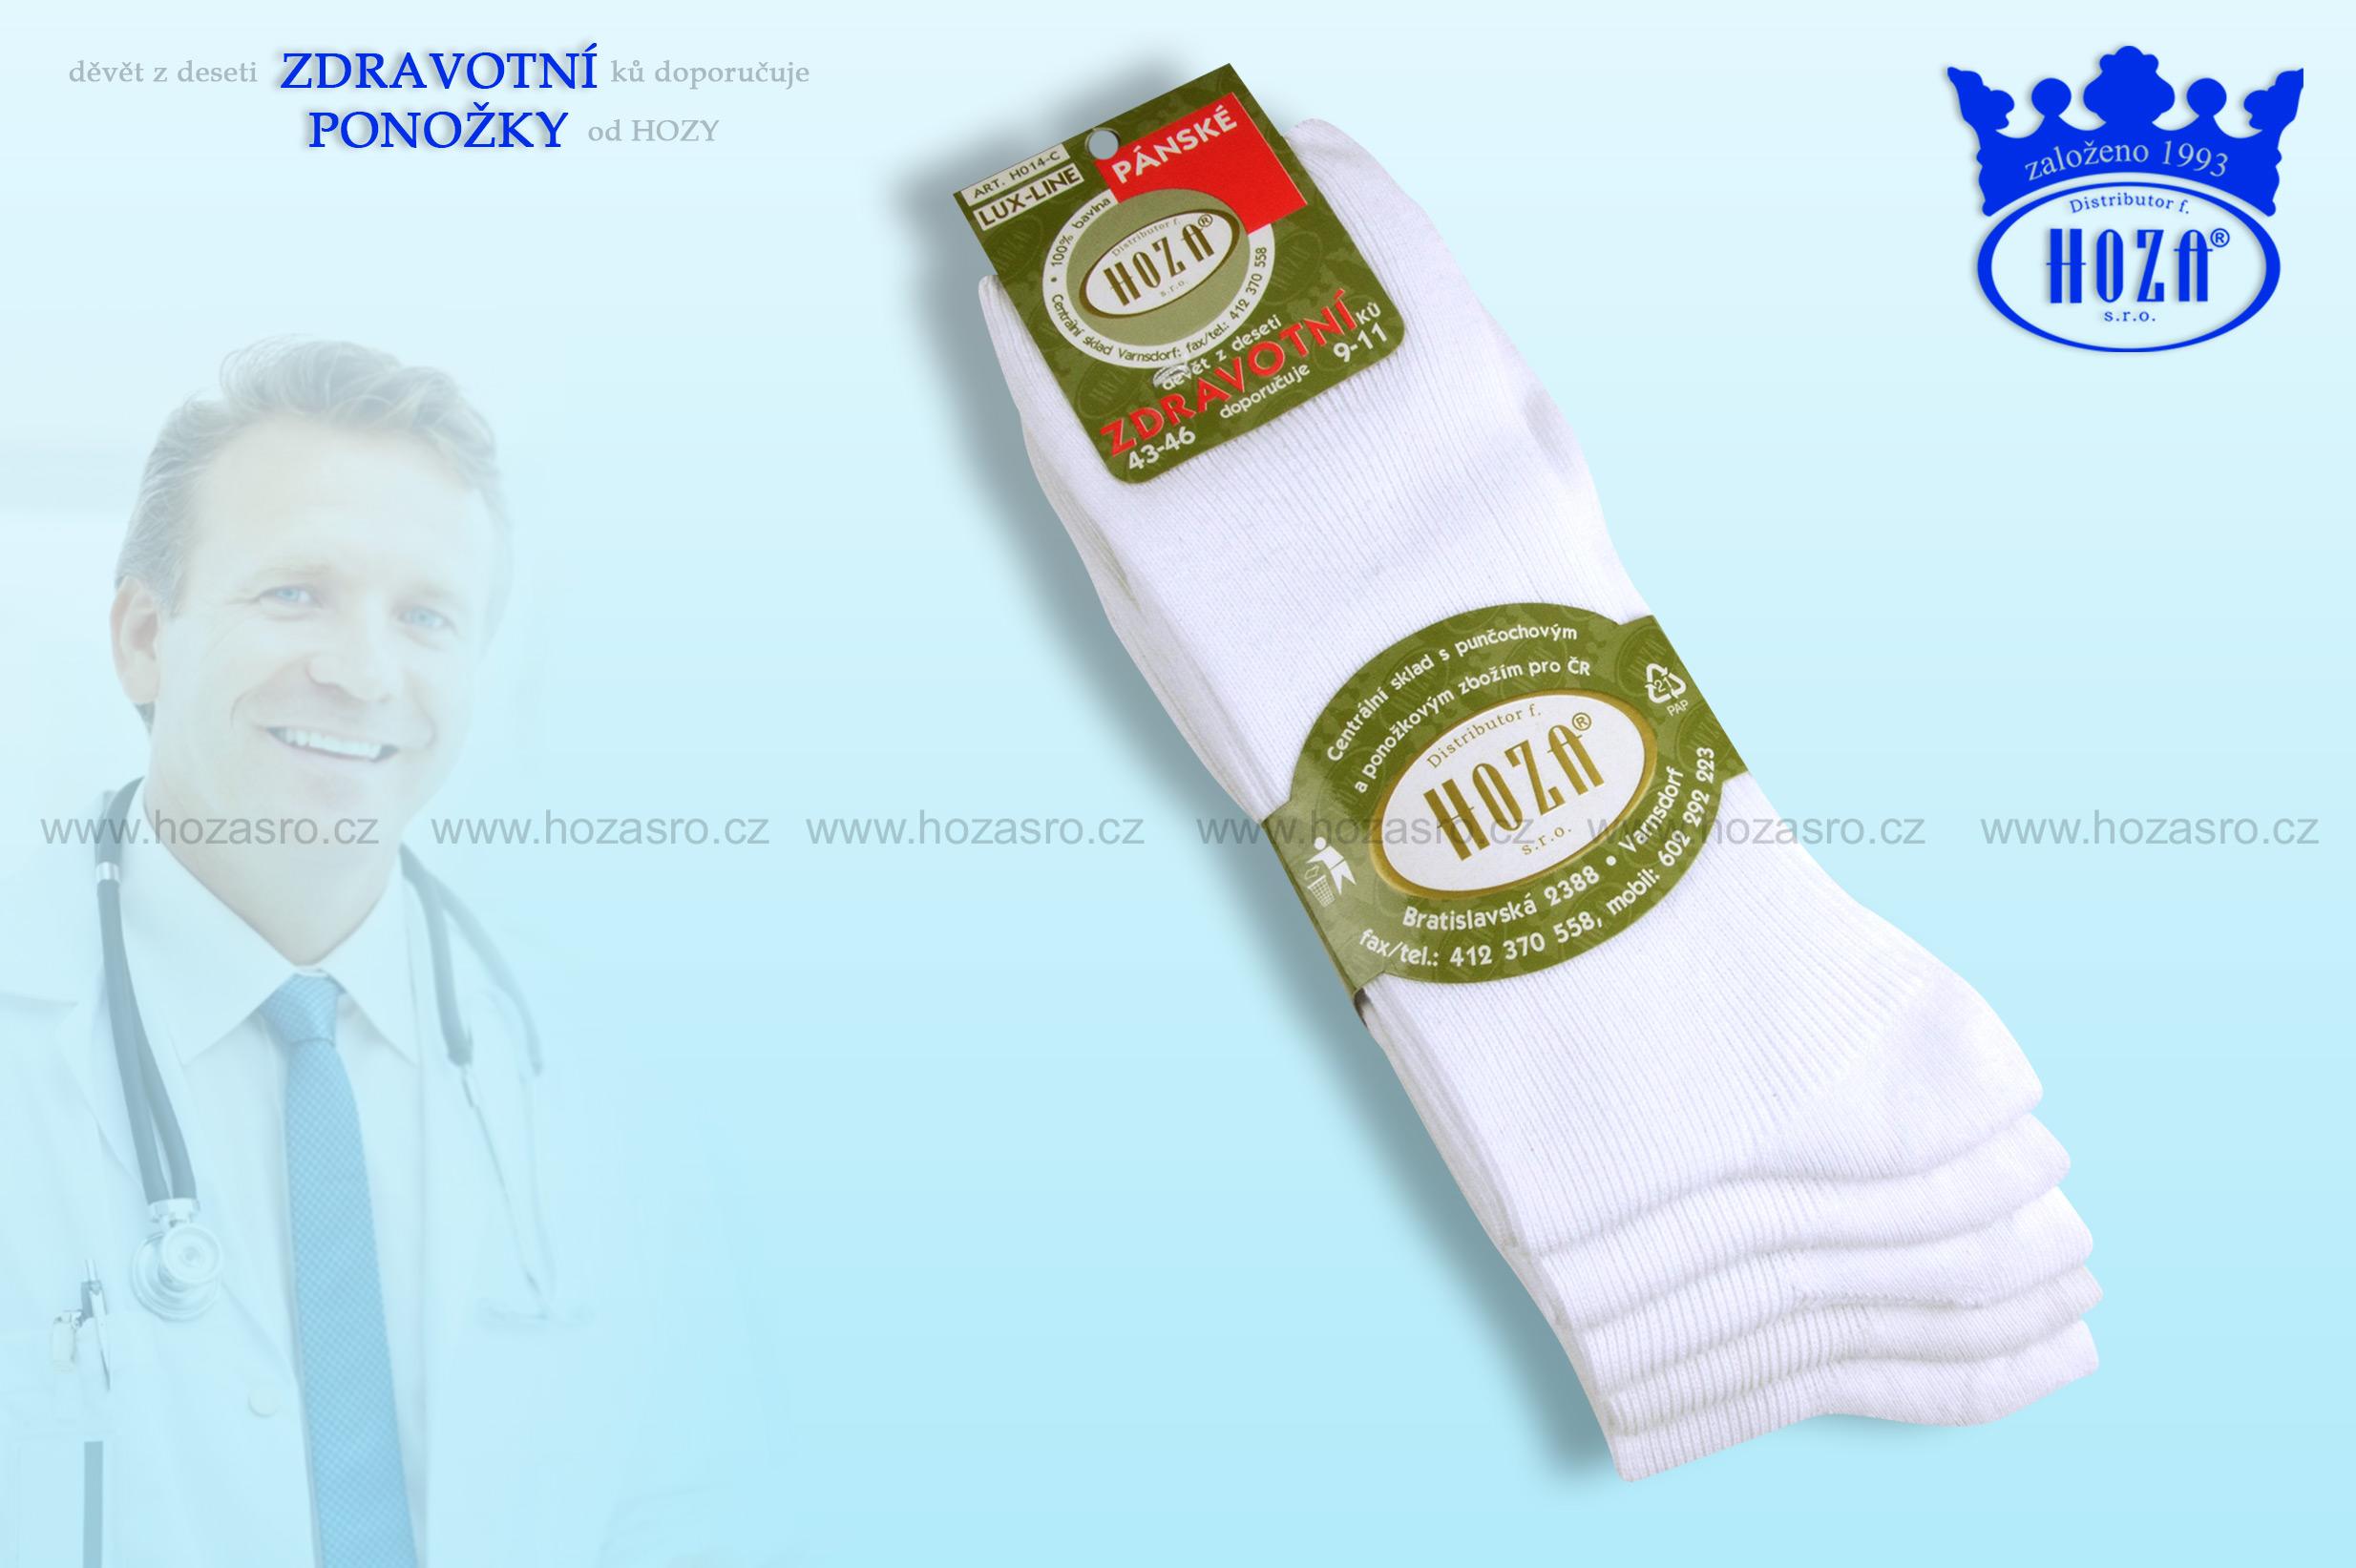 Pánské ponožky zdravotní, 100% bavlna - bílé - H014-C